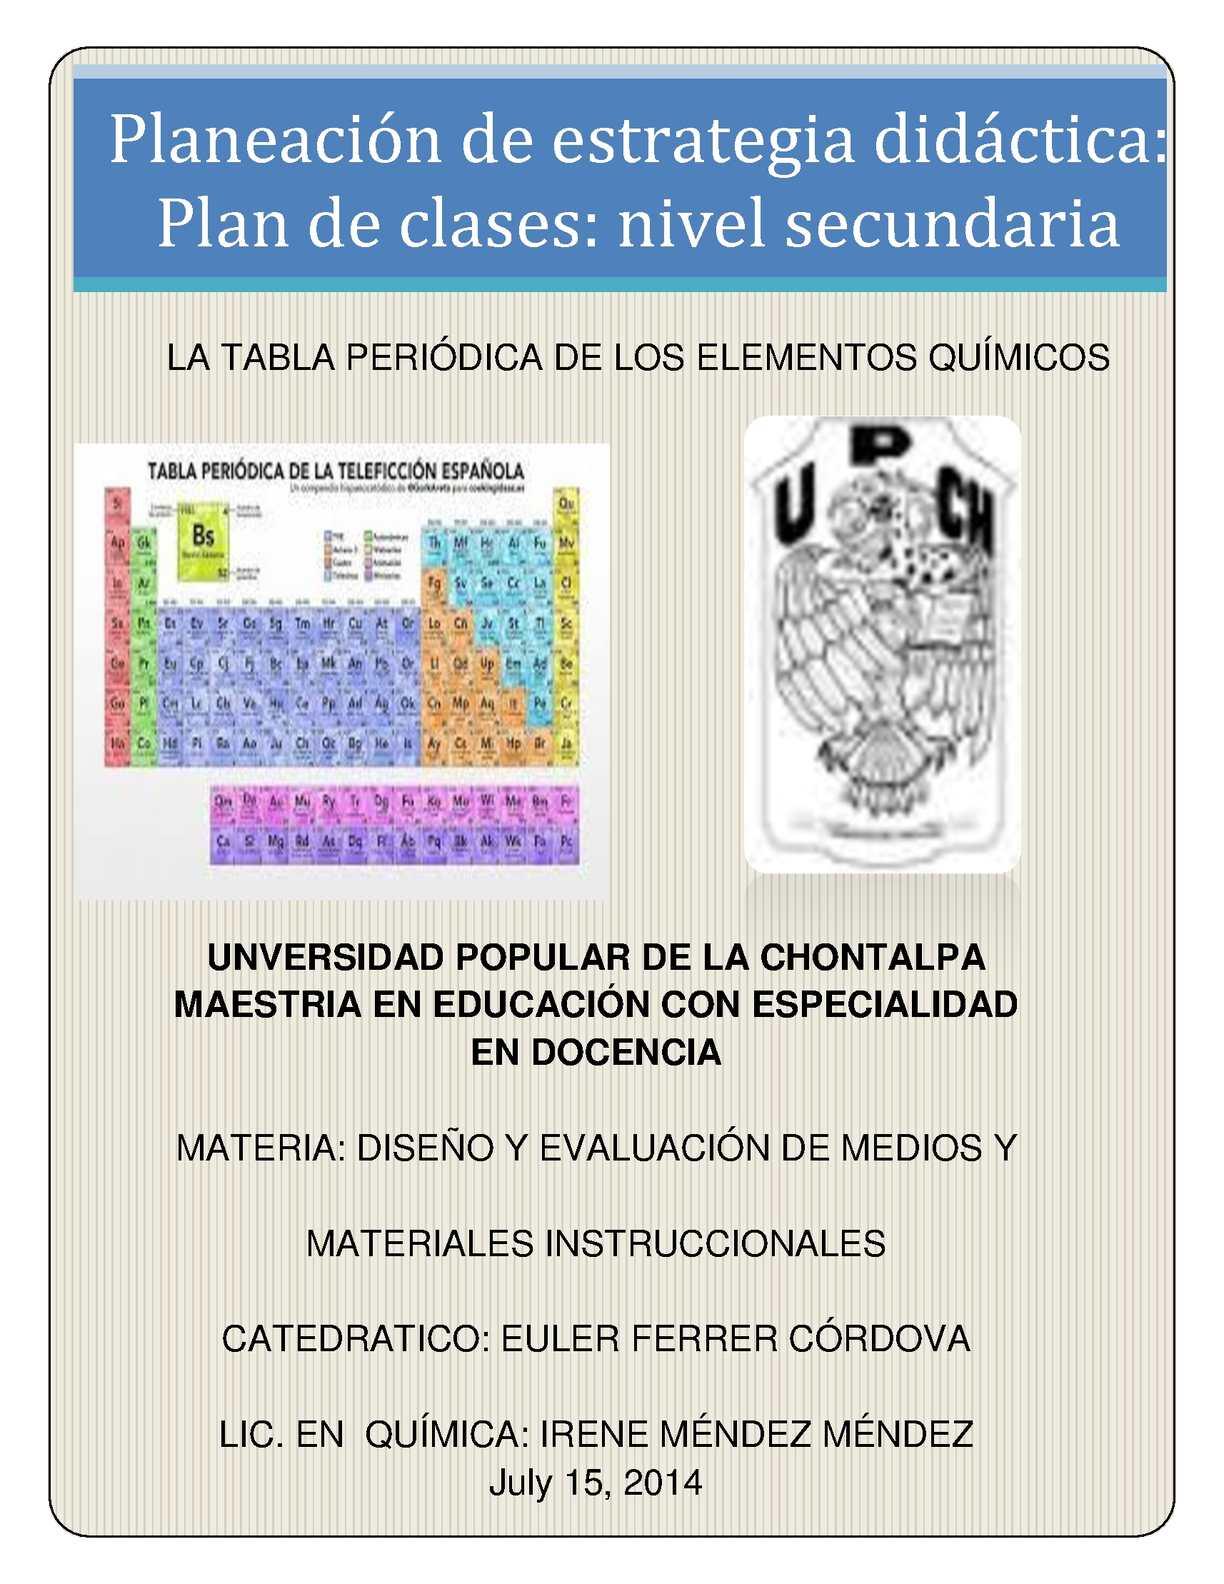 calamo reporte de plan de clases - Tabla Periodica De Los Elementos Secundaria